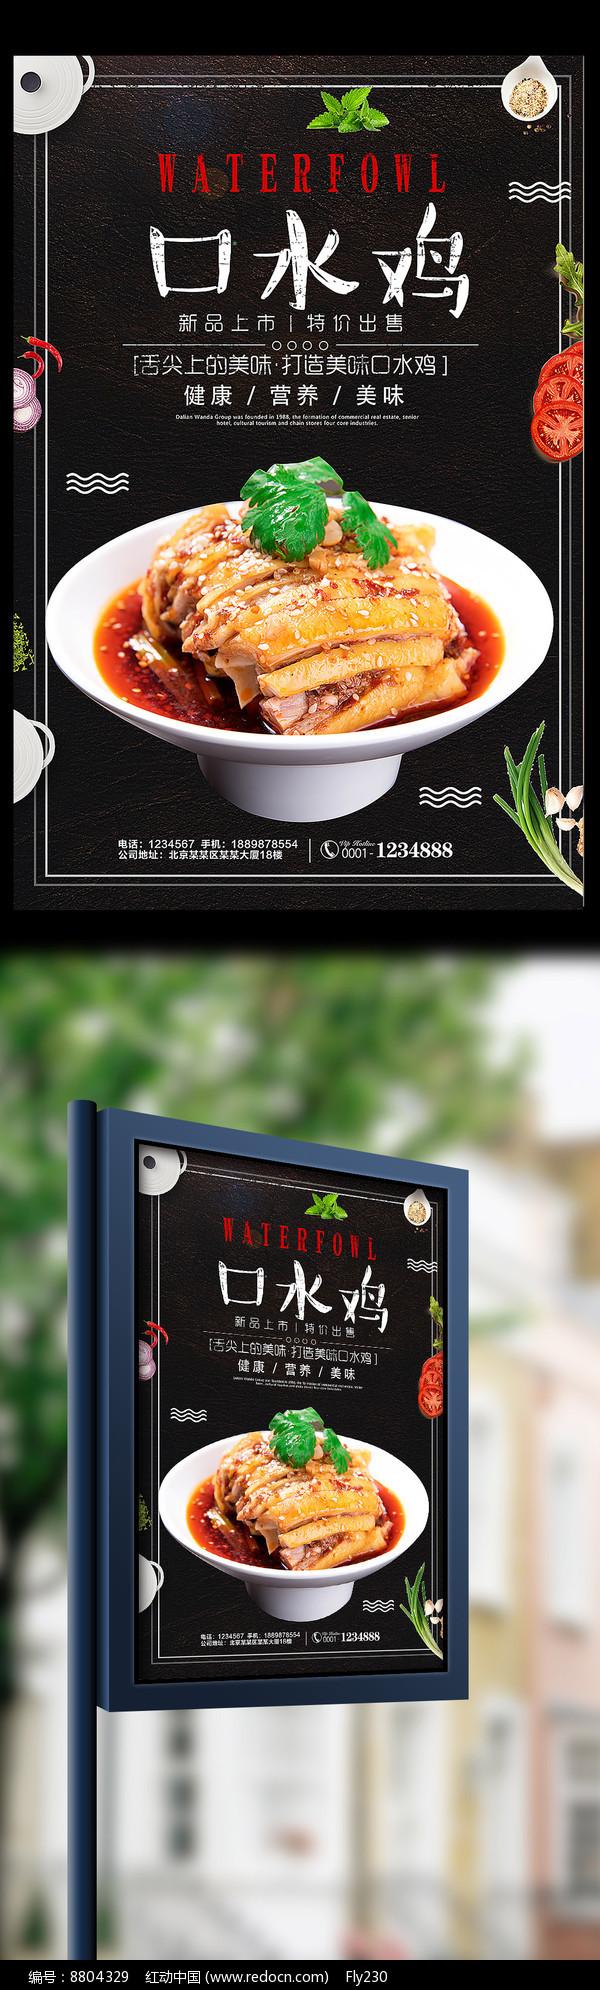 口水鸡美食海报设计图片